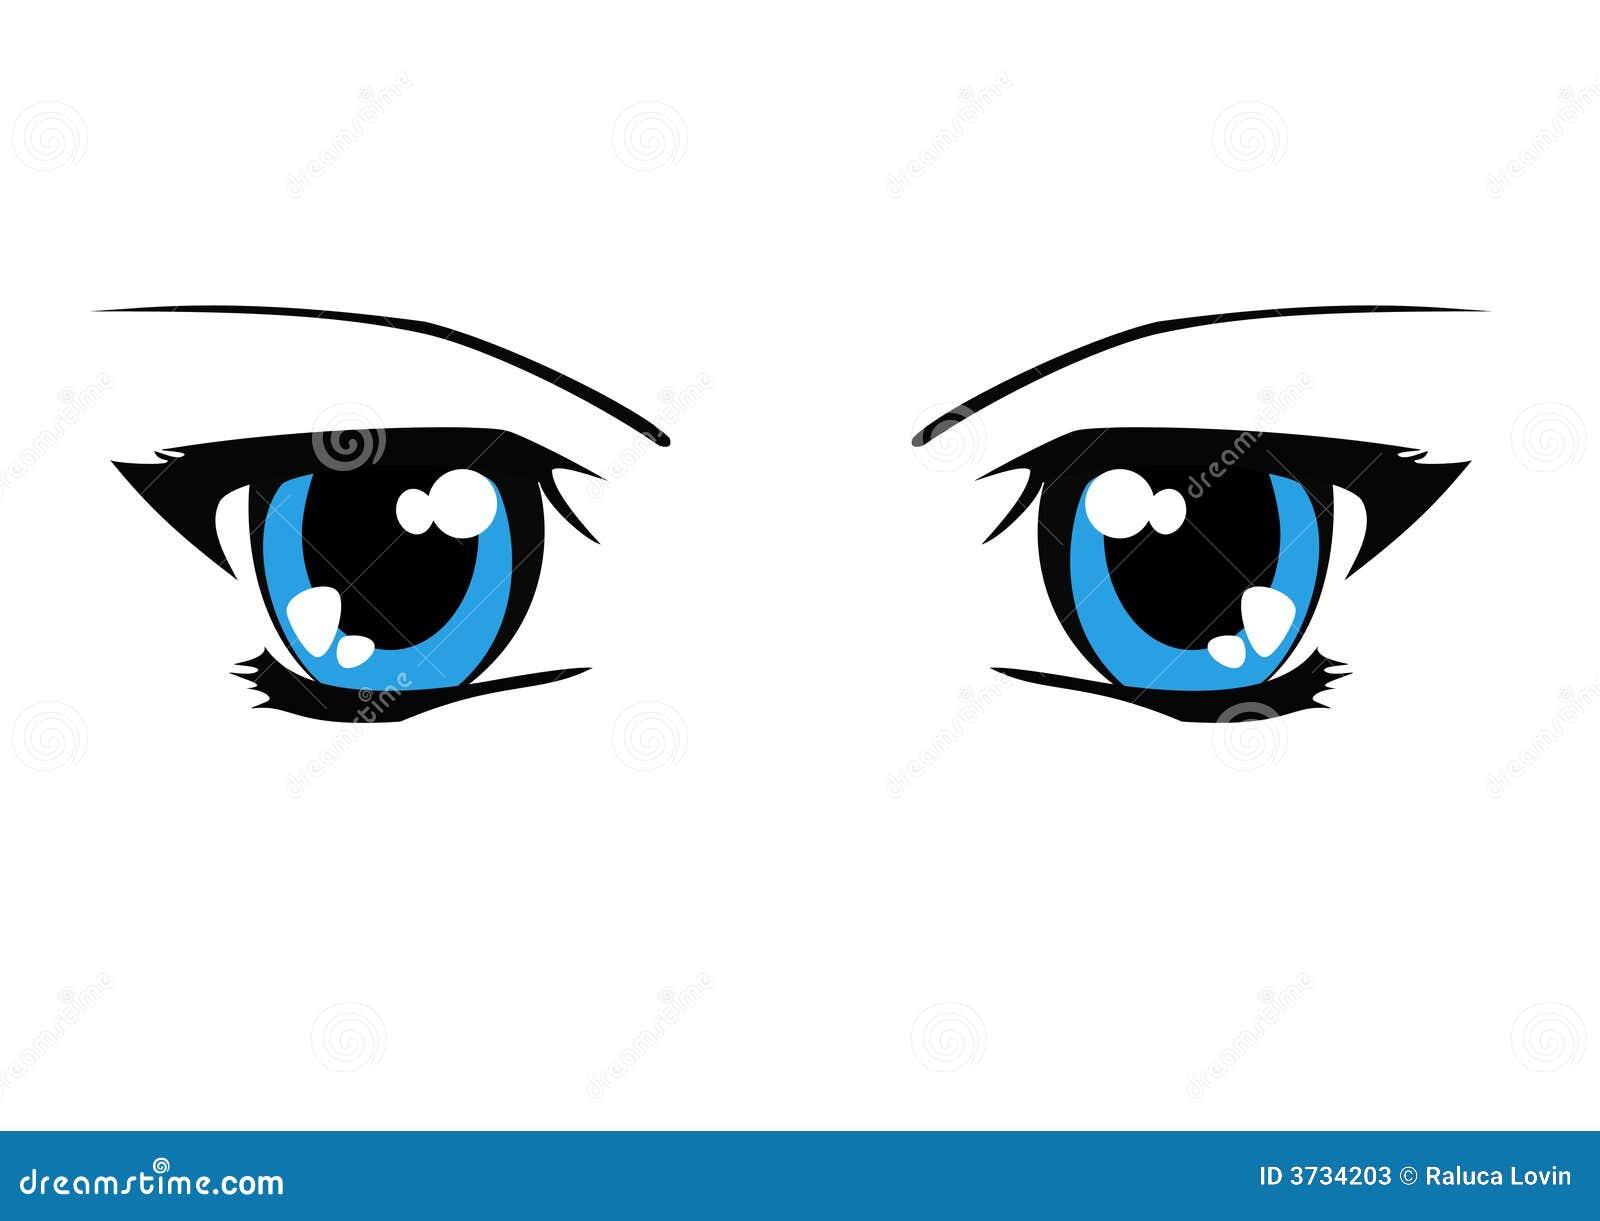 Sexy eyes illustration